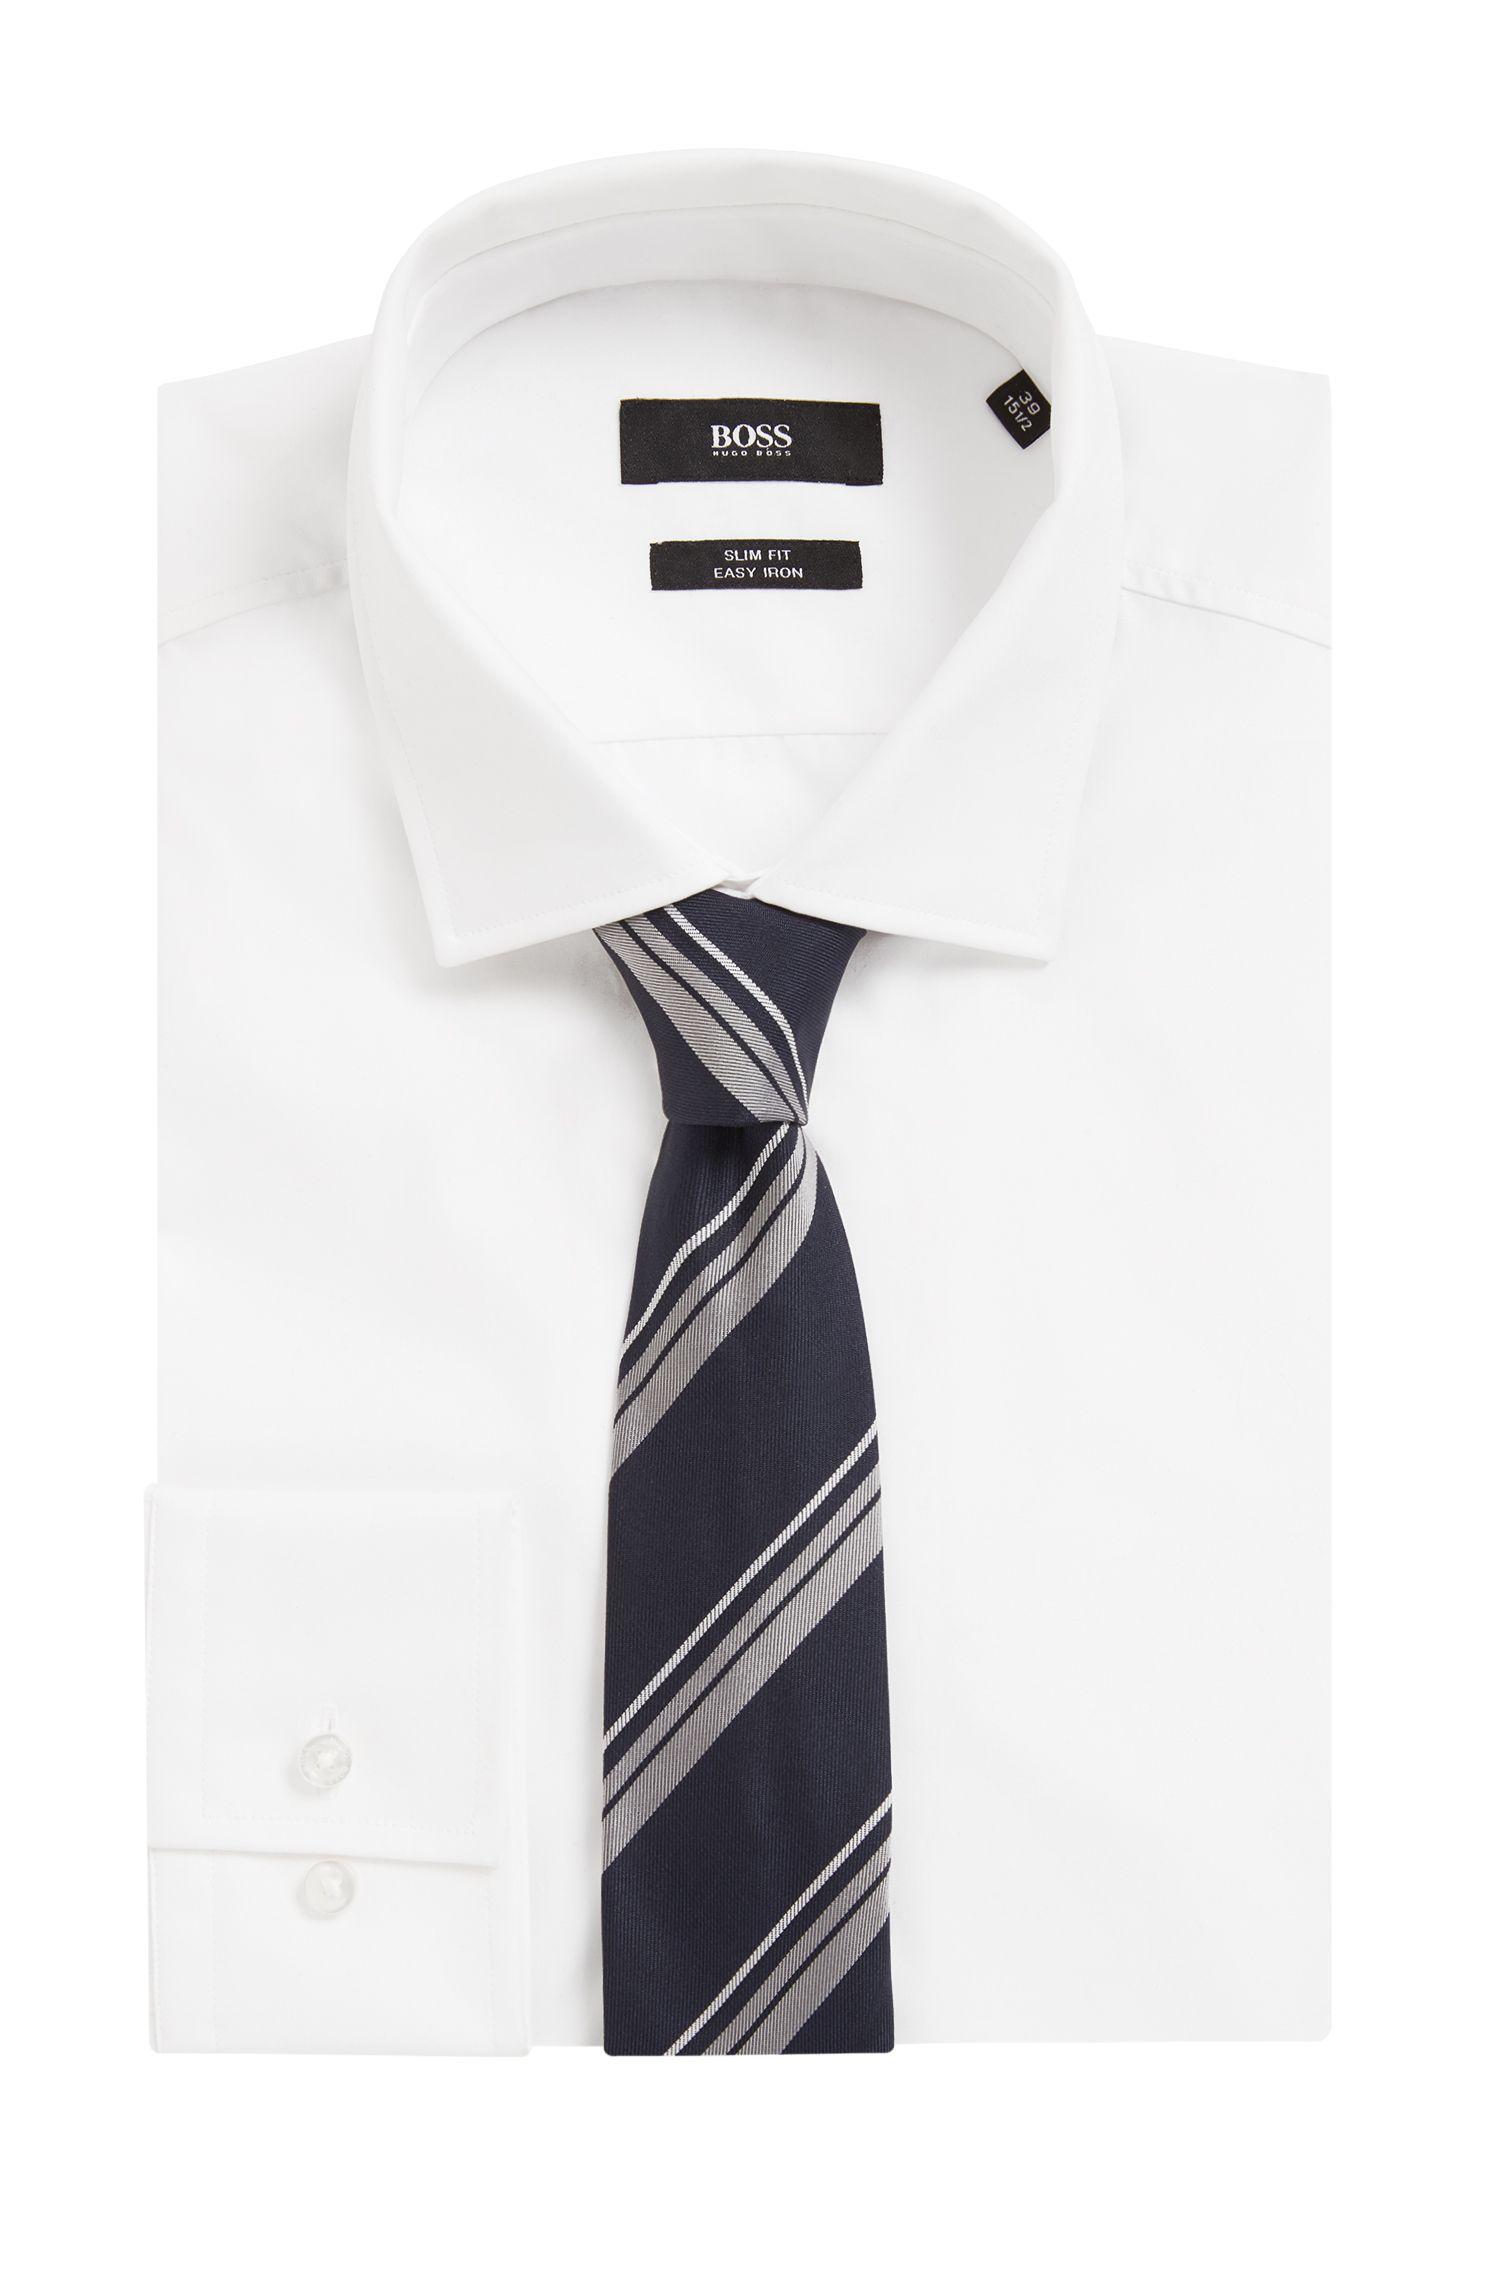 Handgemachte Krawatte aus Seiden-Jacquard mit diagonalen Streifen